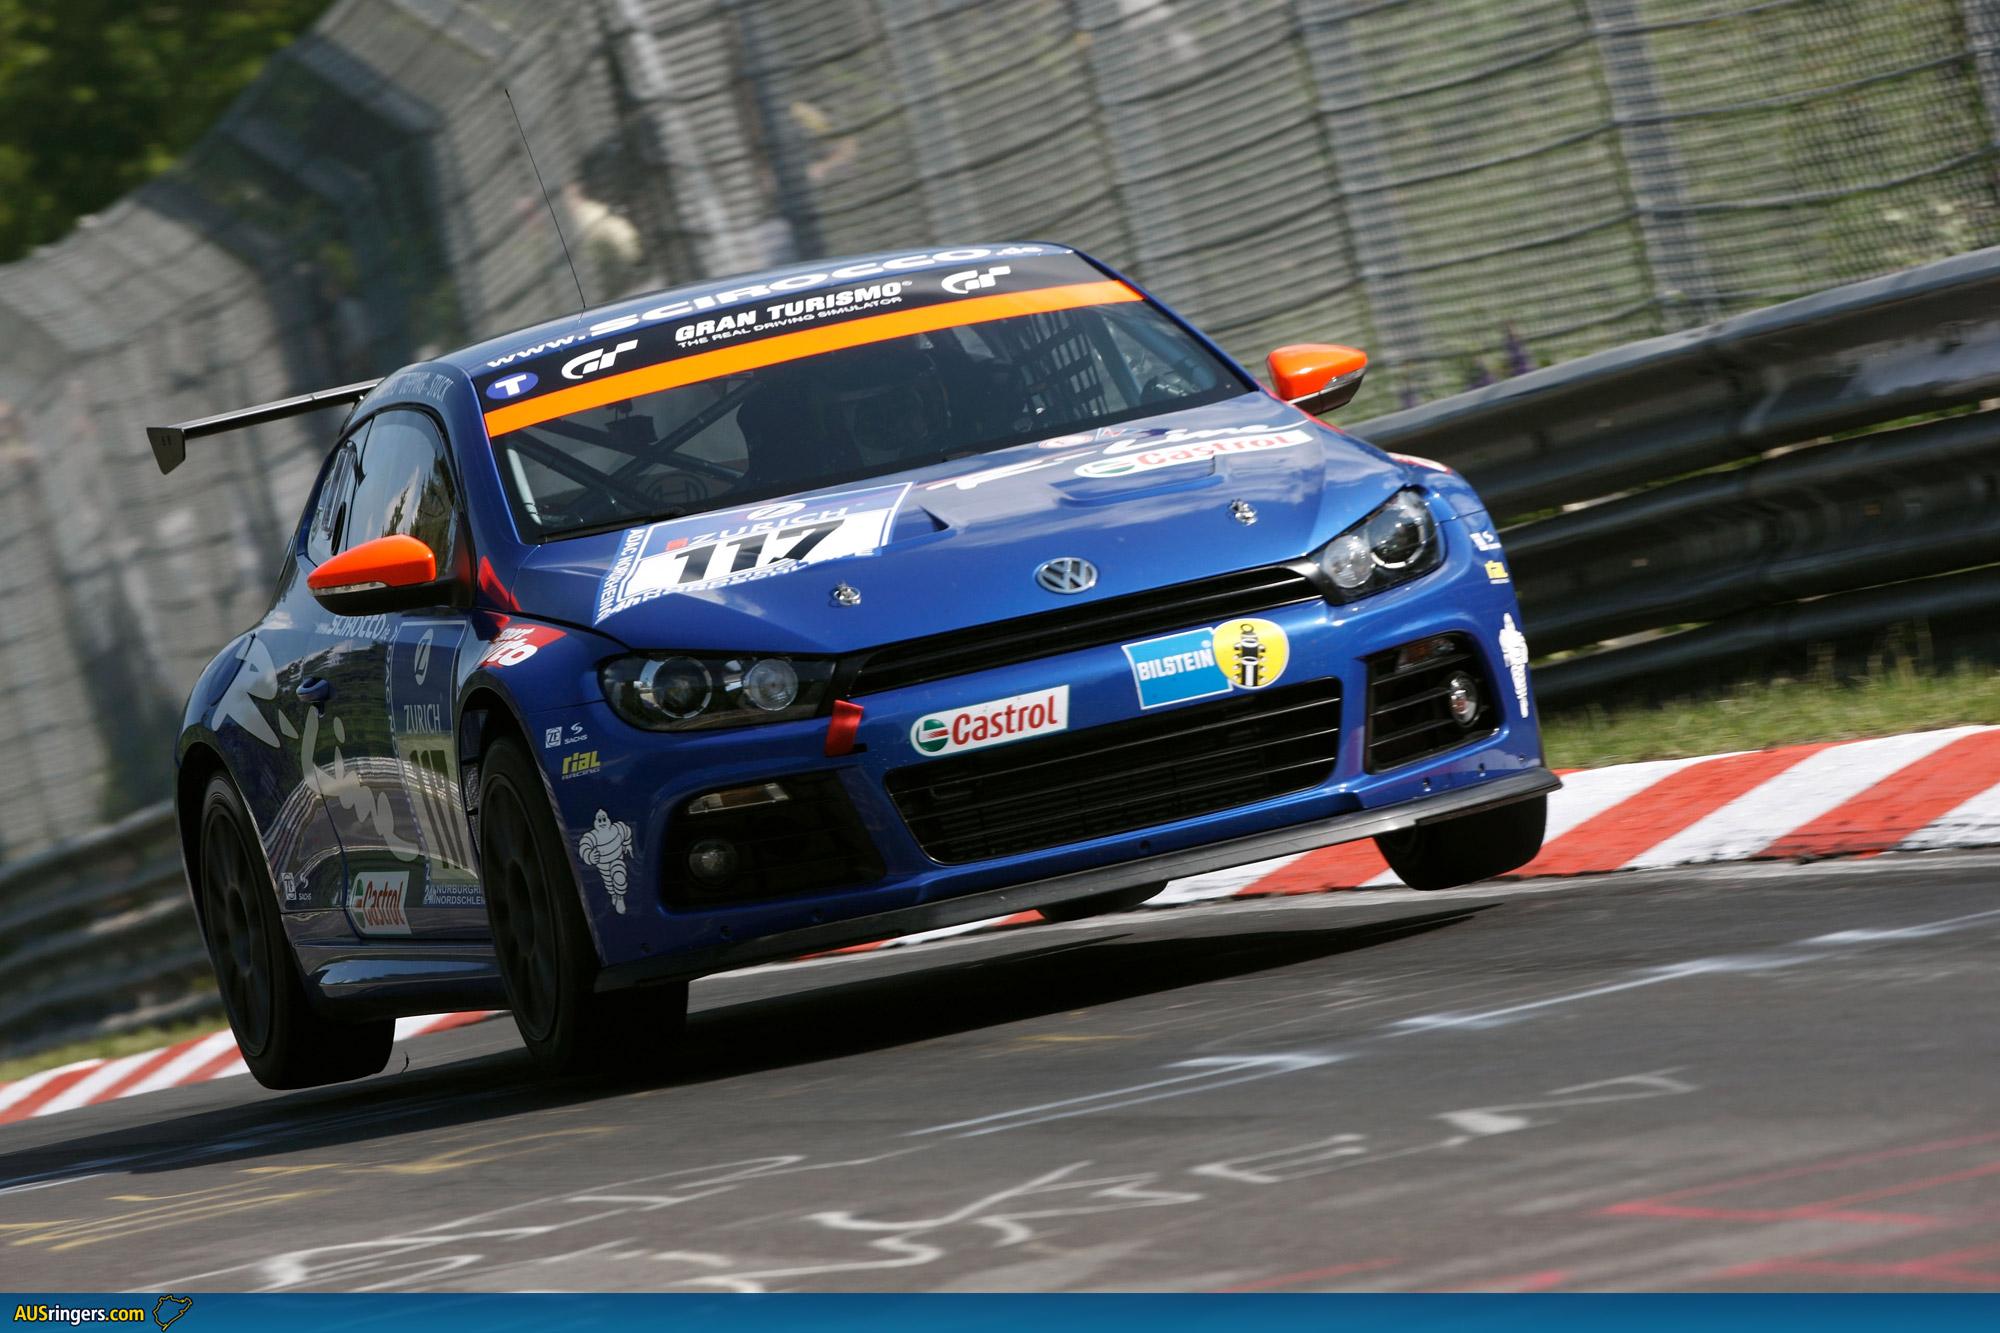 [Image: 2008-Scirocco-GT24-11.jpg]